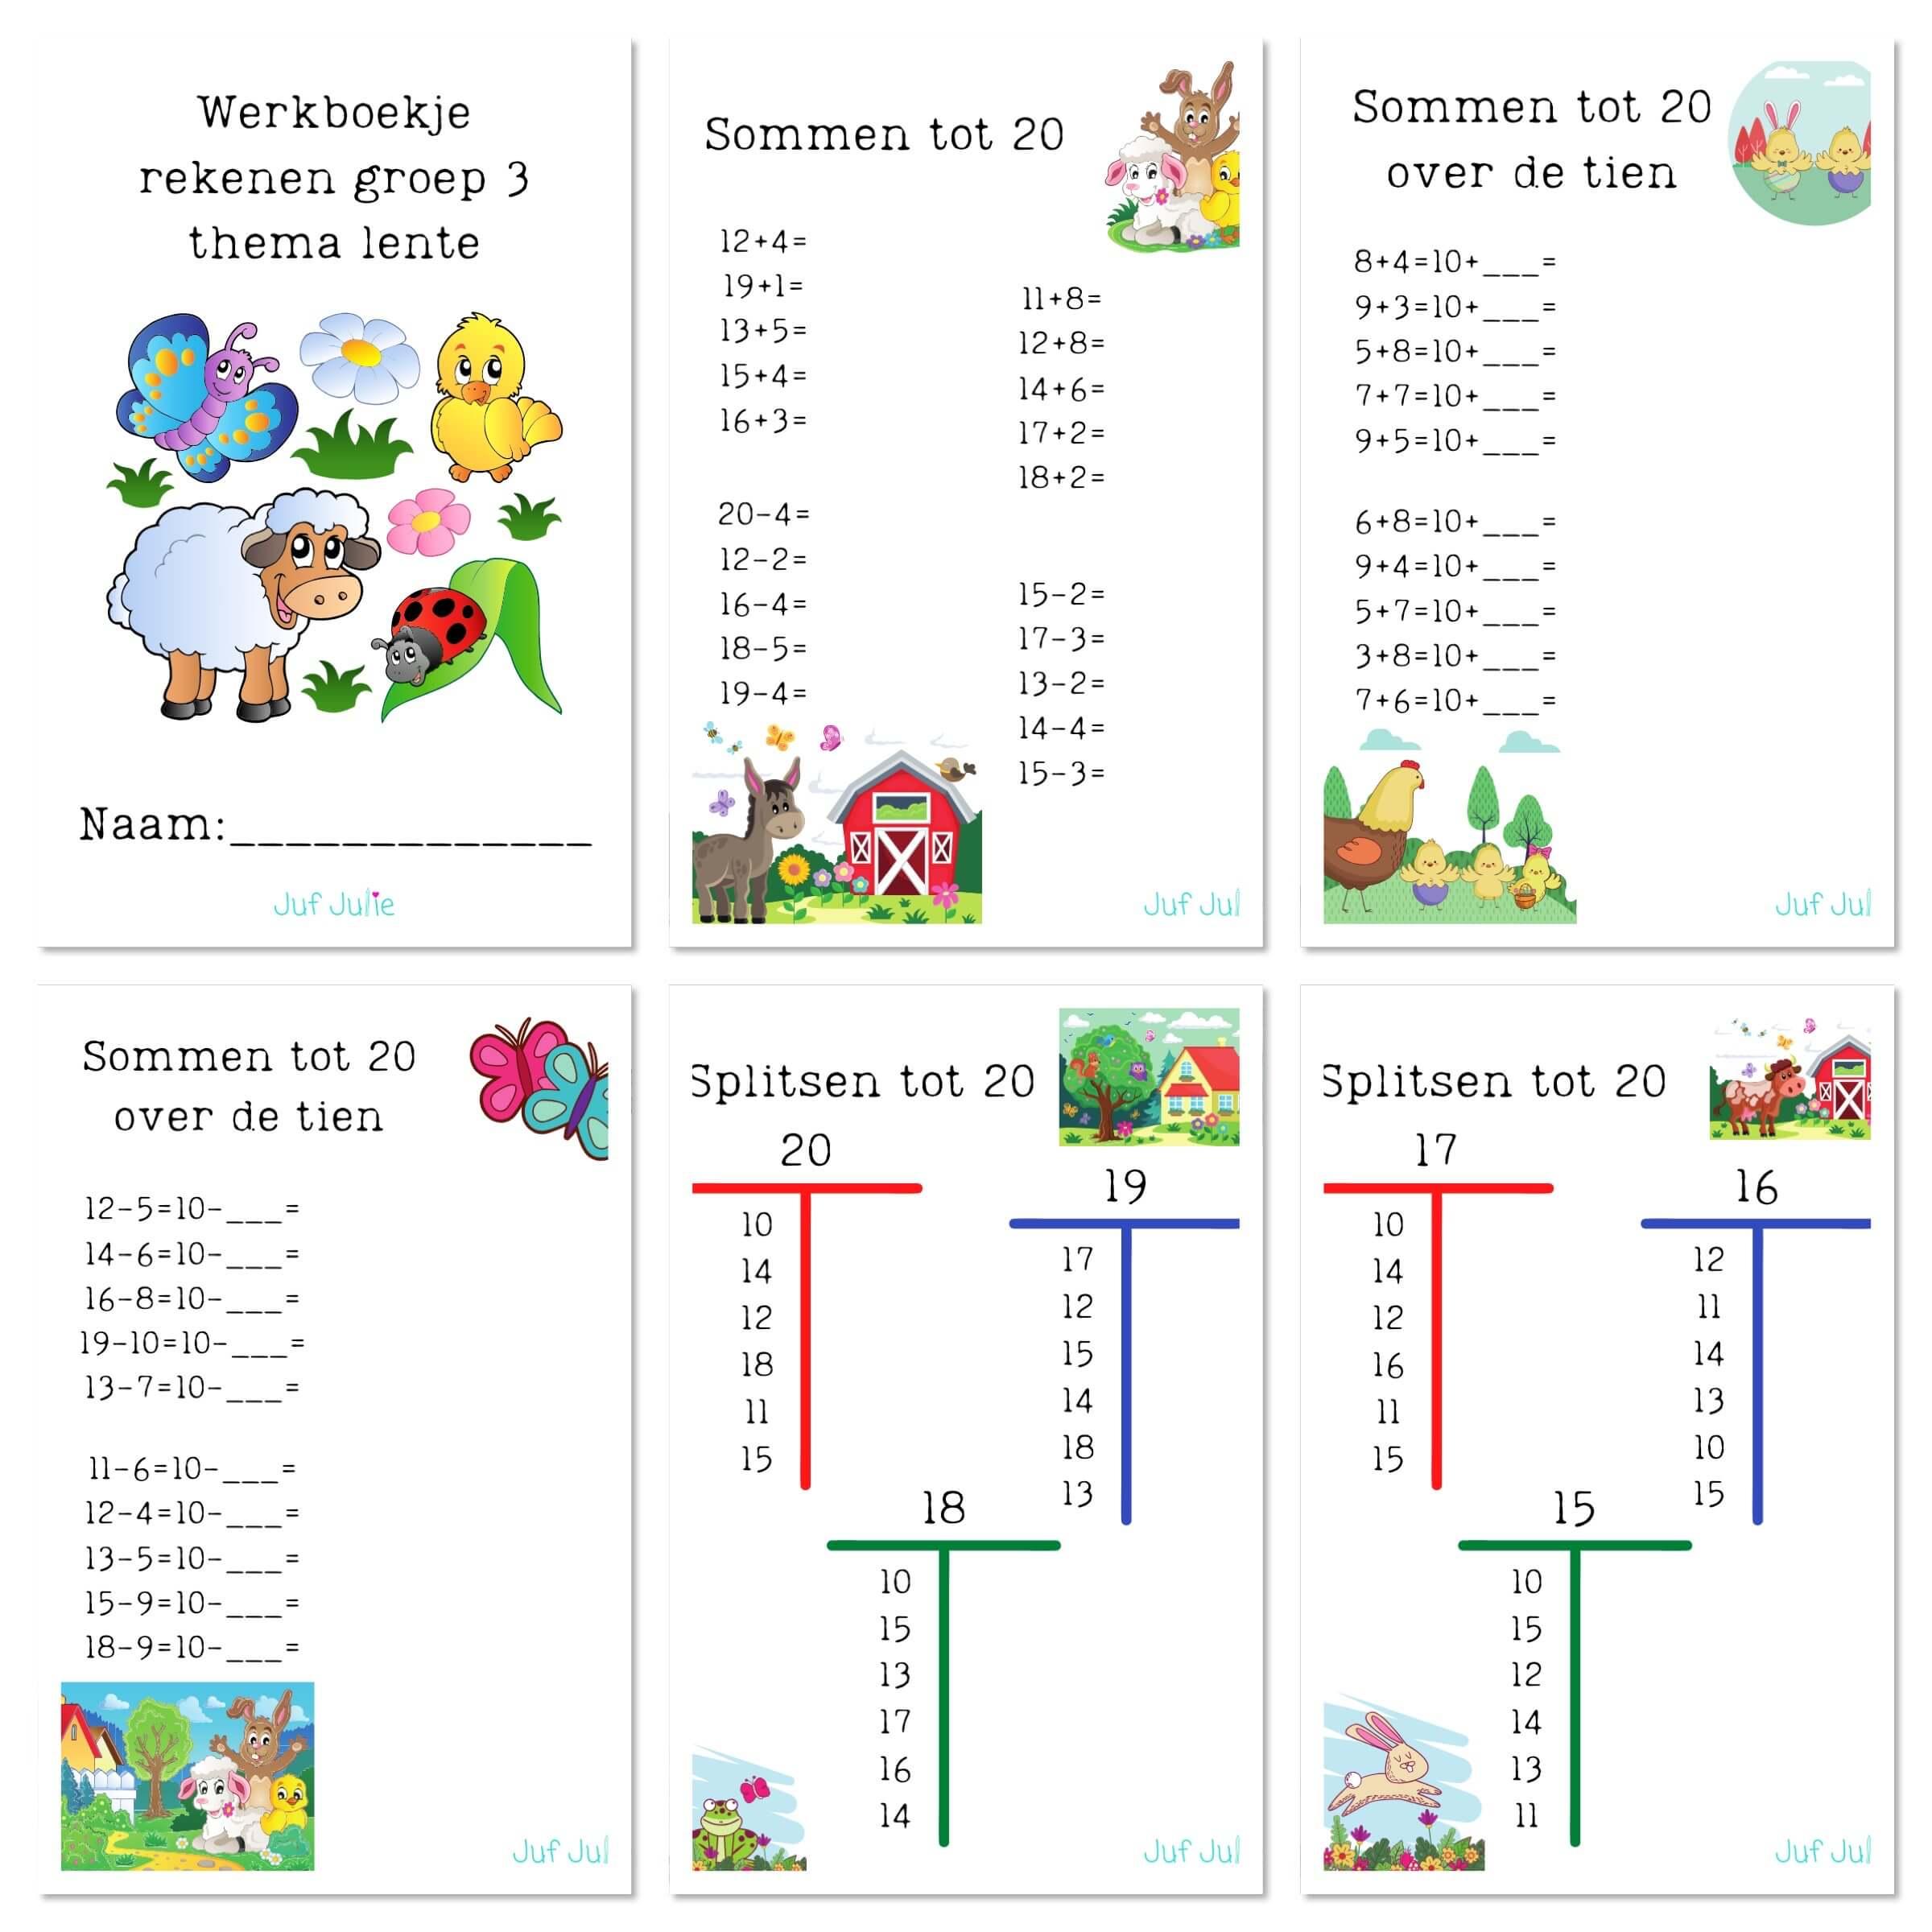 Hedendaags Werkboekje rekenen thema lente groep 3 #3 - Juf Julie DD-86